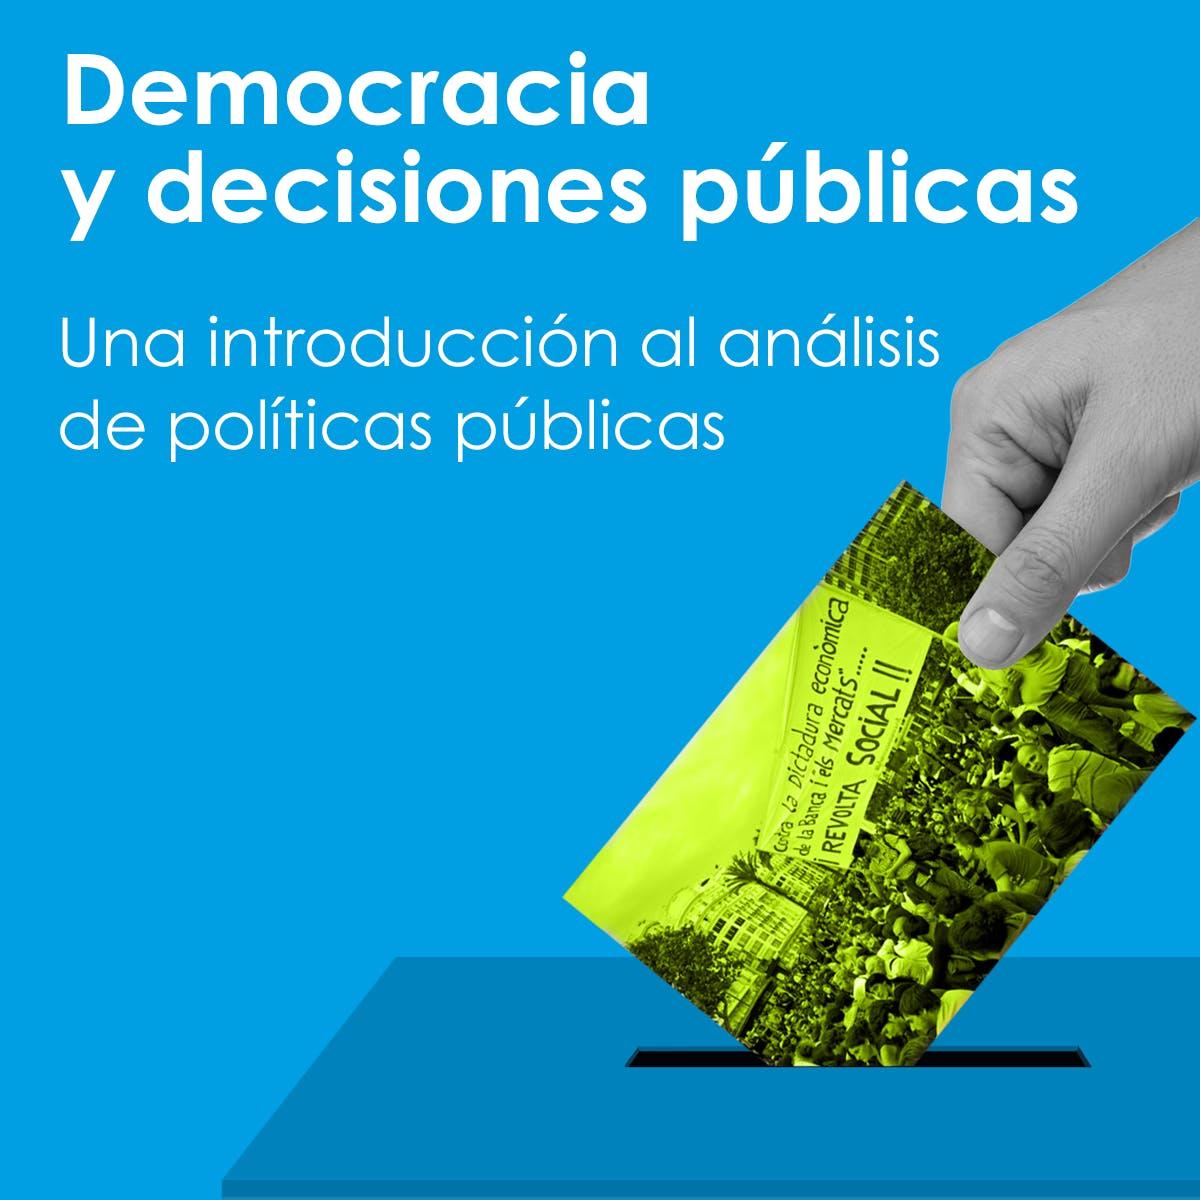 Democracia y decisiones públicas. Introducción al análisis de políticas públicas